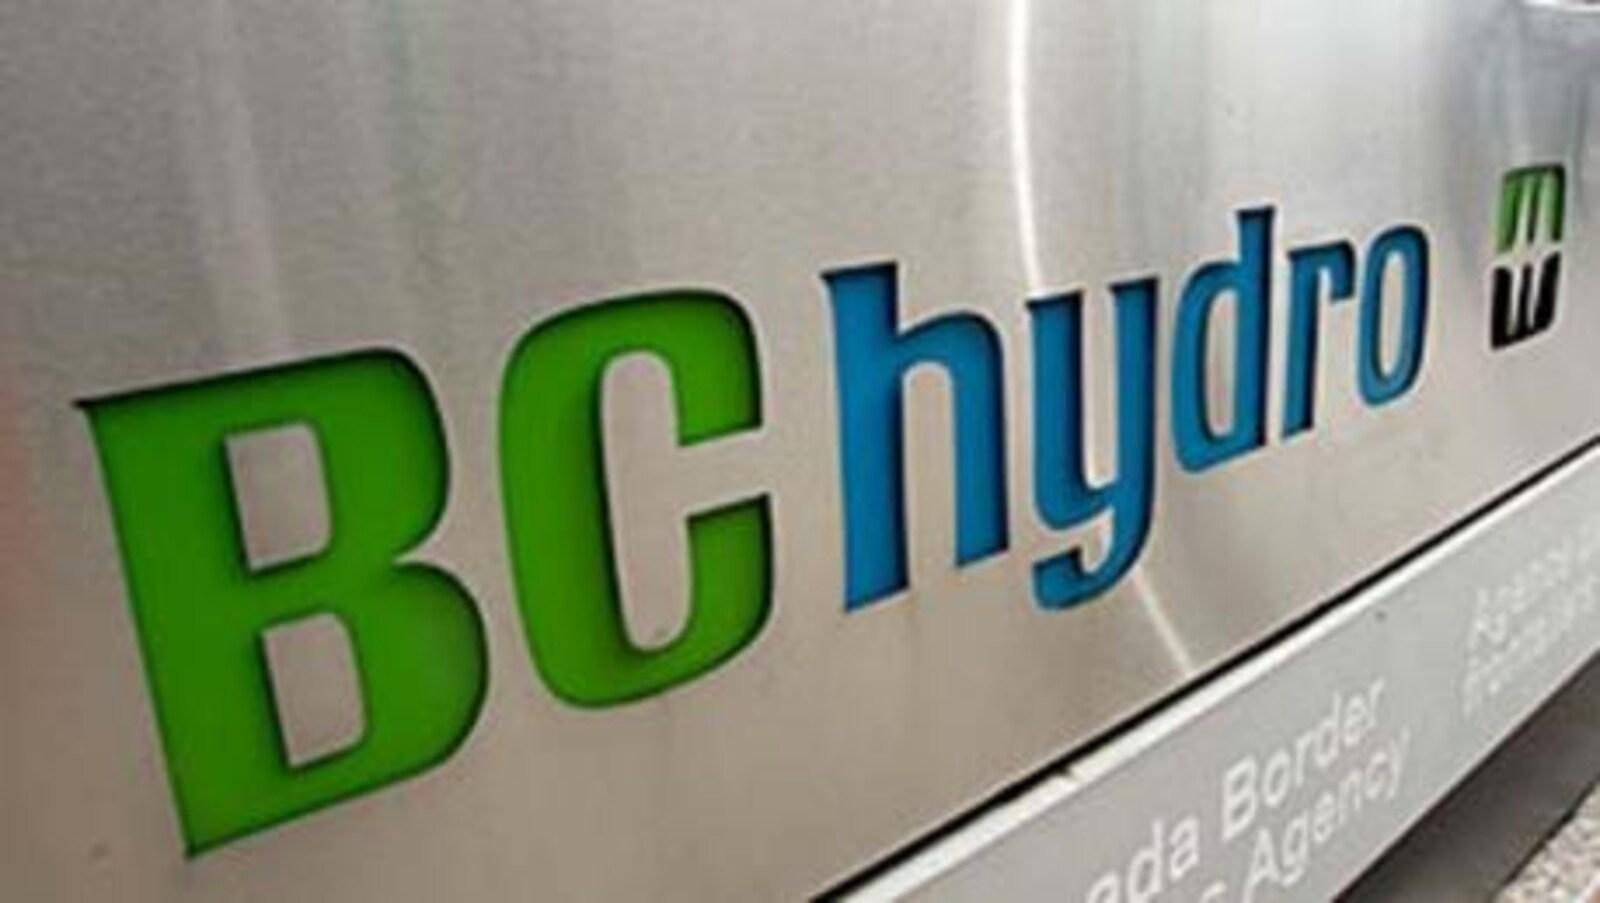 Le logo de la société d'État BC Hydro.